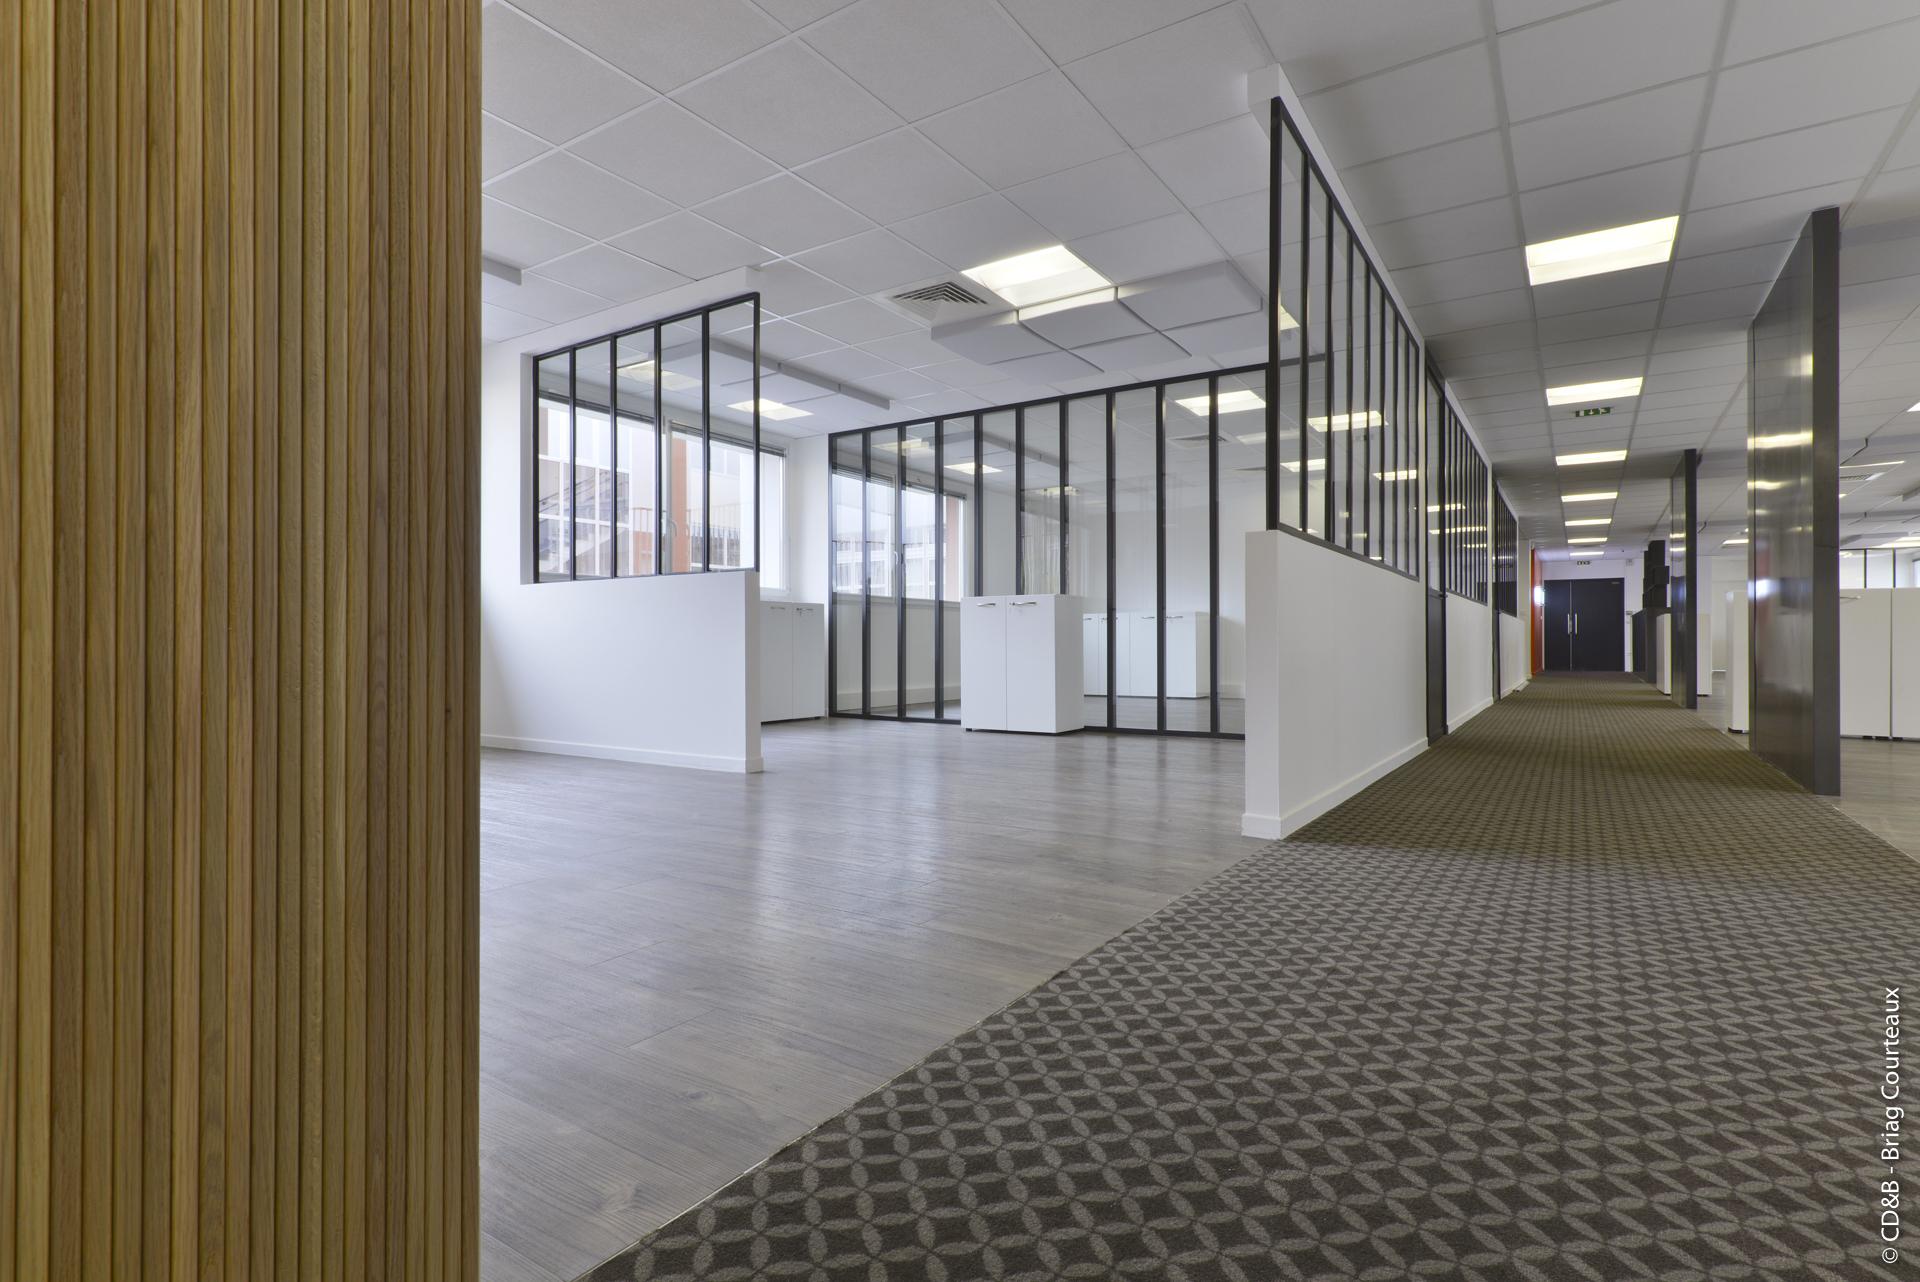 Conseil, aménagement, conception et réalisation des espaces de travail d'Ubisoft par CDB, Meet you there.